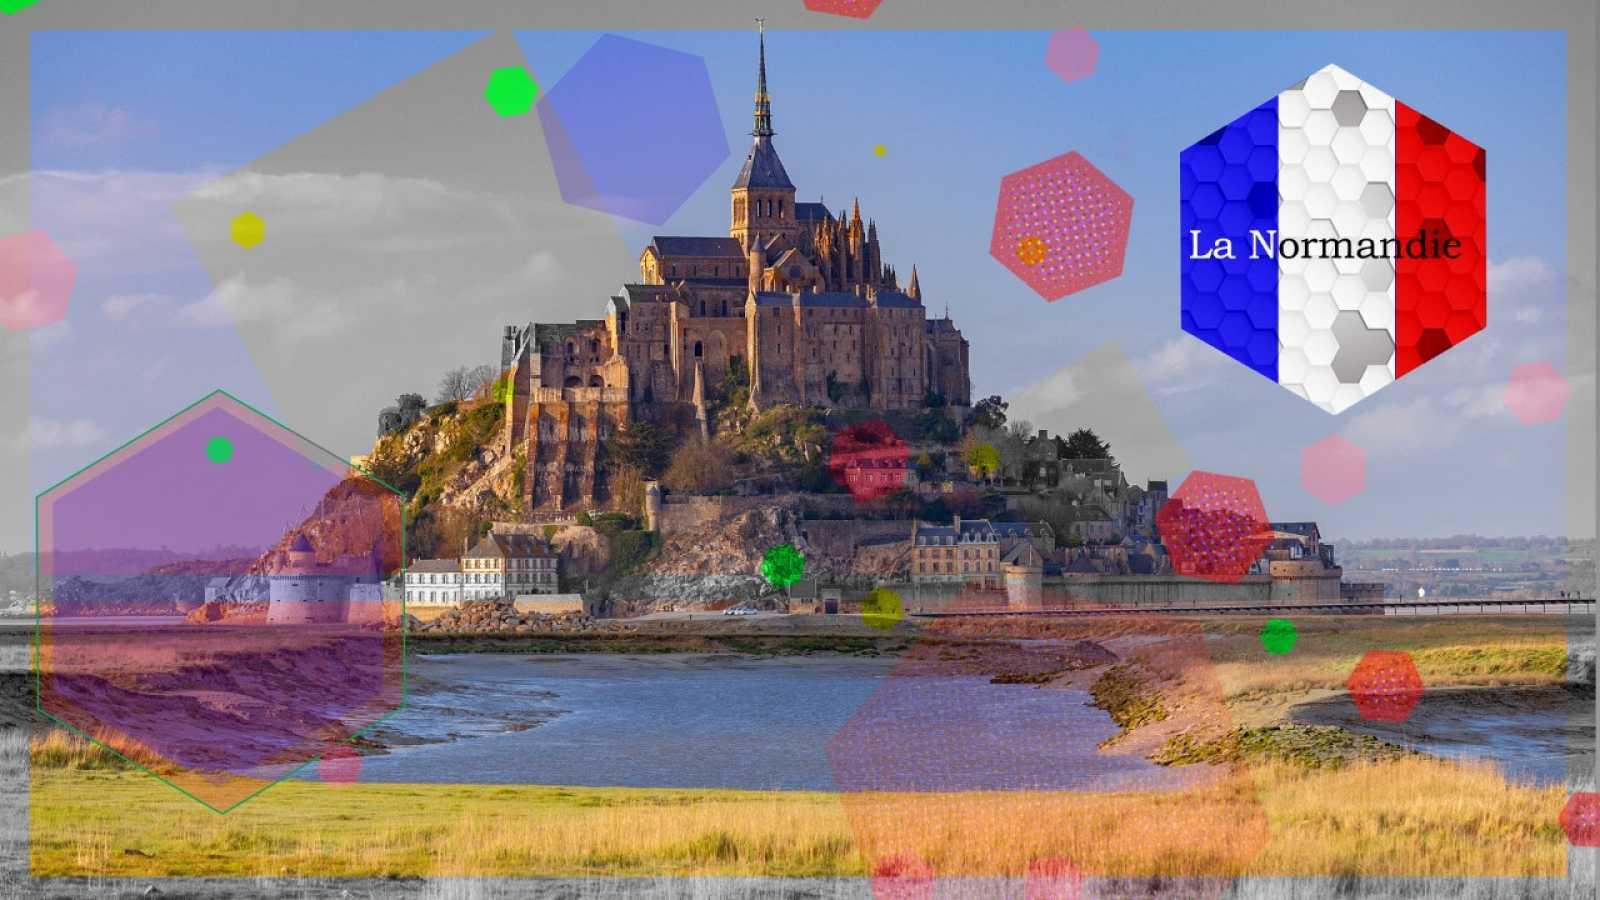 El hexágono - La Normandie - 27/02/21 - escuchar ahora